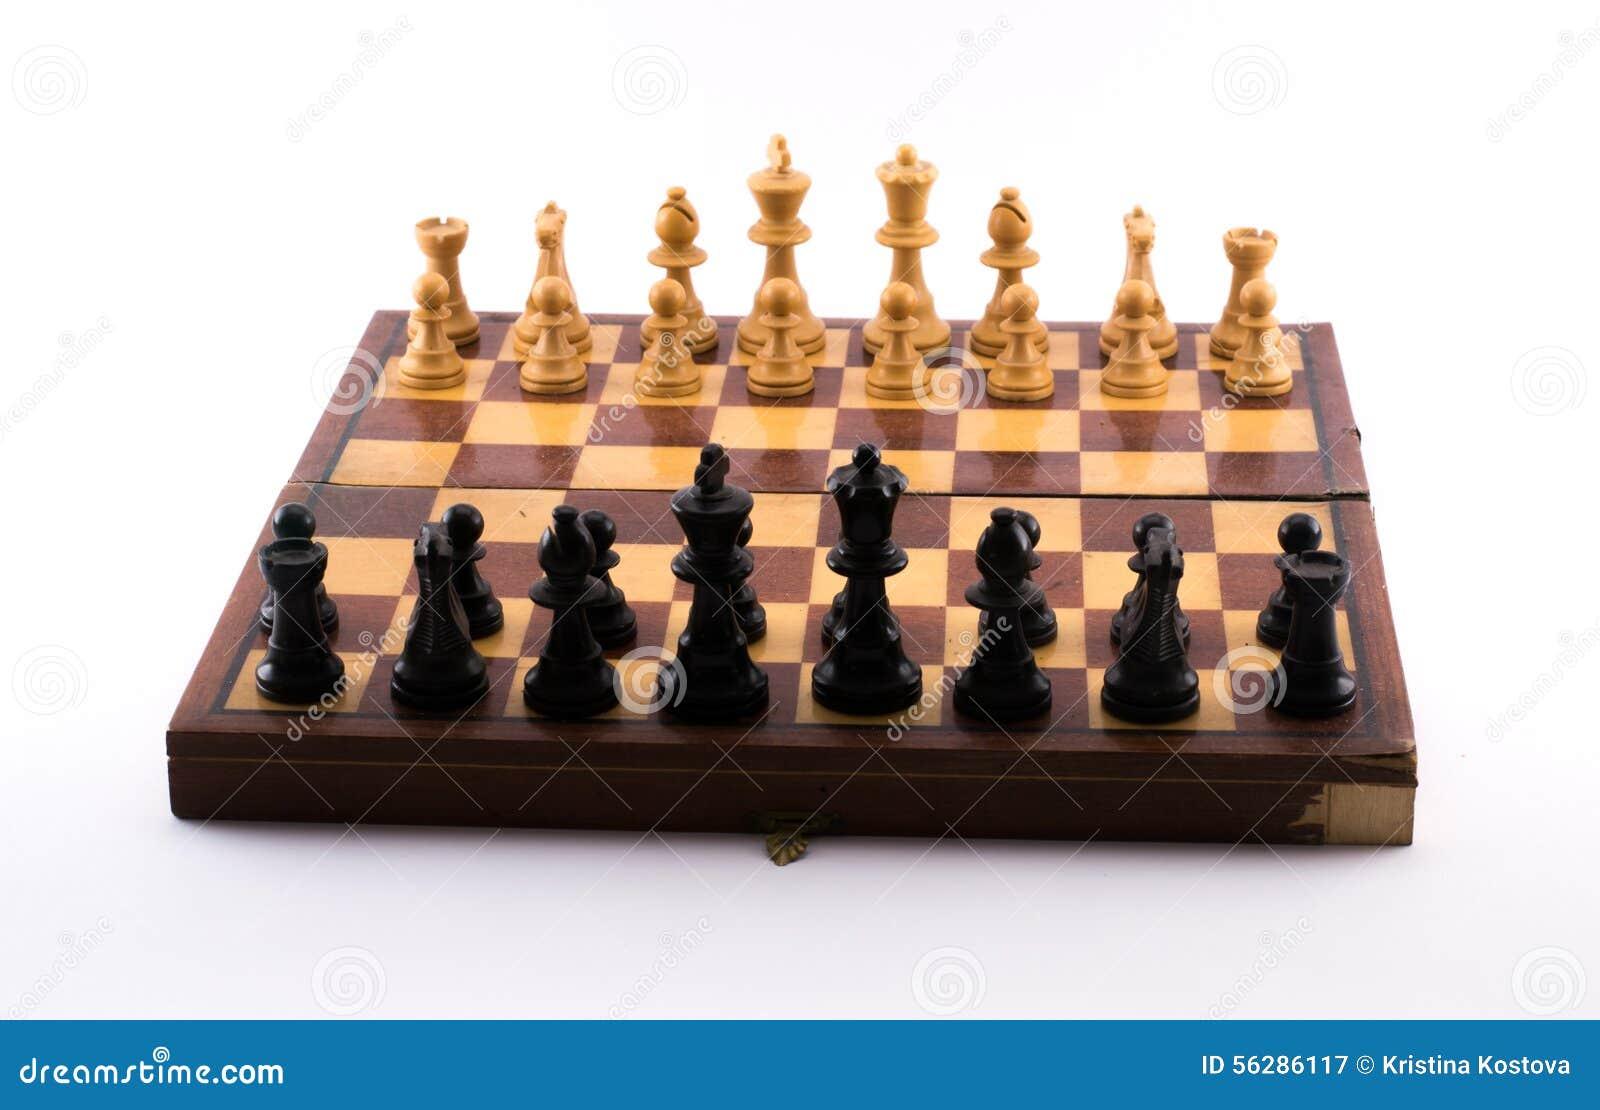 Schachbrett mit Schwarzweiss-Figürchen auf einem weißen Hintergrund